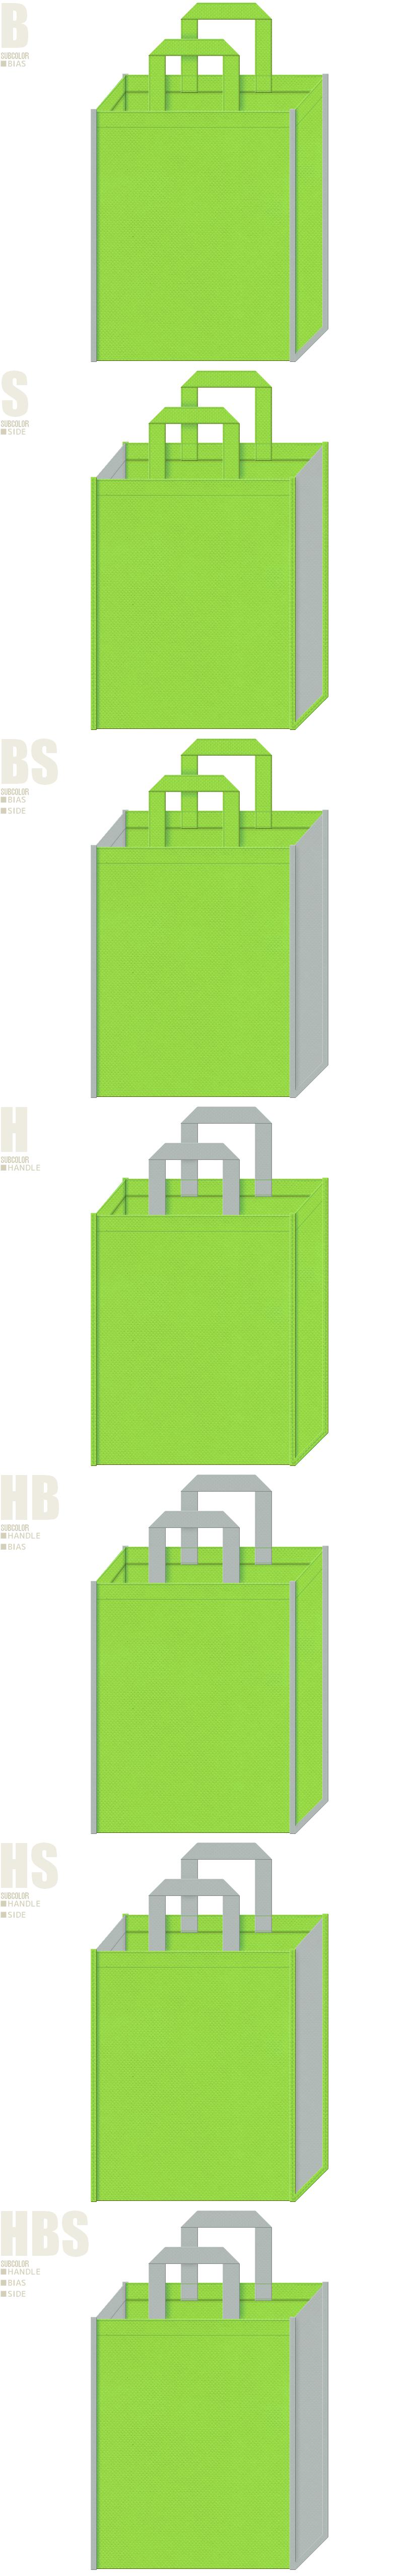 建築・設計・エクステリア・CO2削減・屋上緑化・壁面緑化の展示会用バッグにお奨めの不織布バッグデザイン:黄緑色とグレー色の配色7パターン